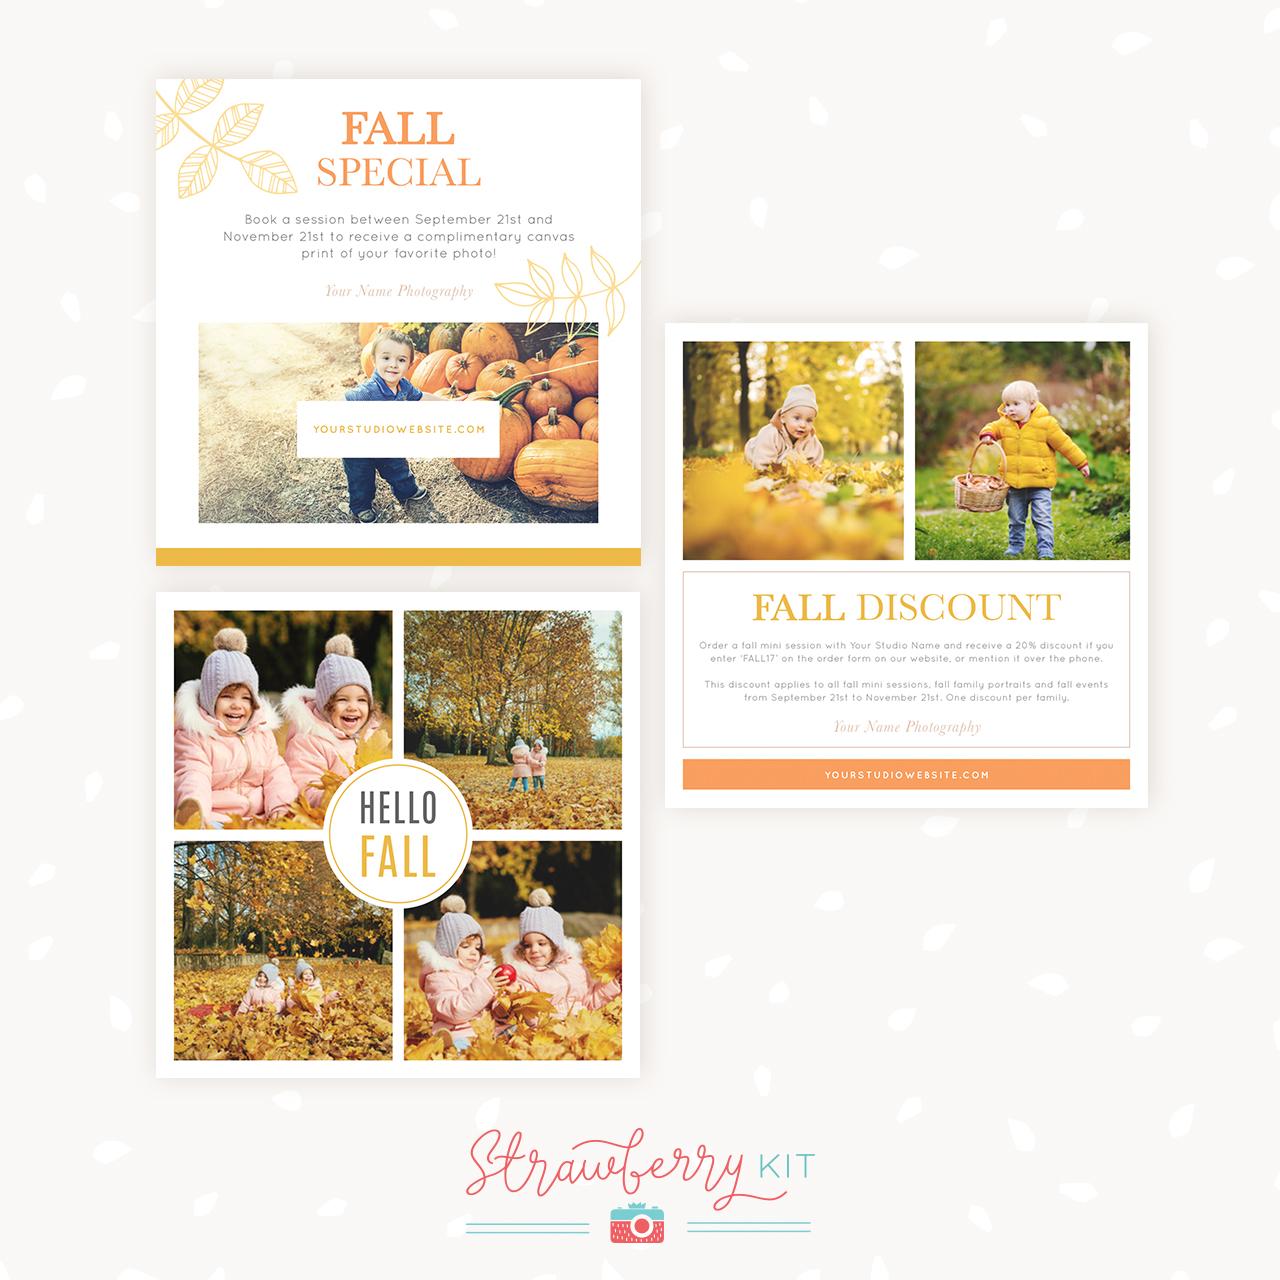 Fall Social Media Templates Photography Strawberry Kit